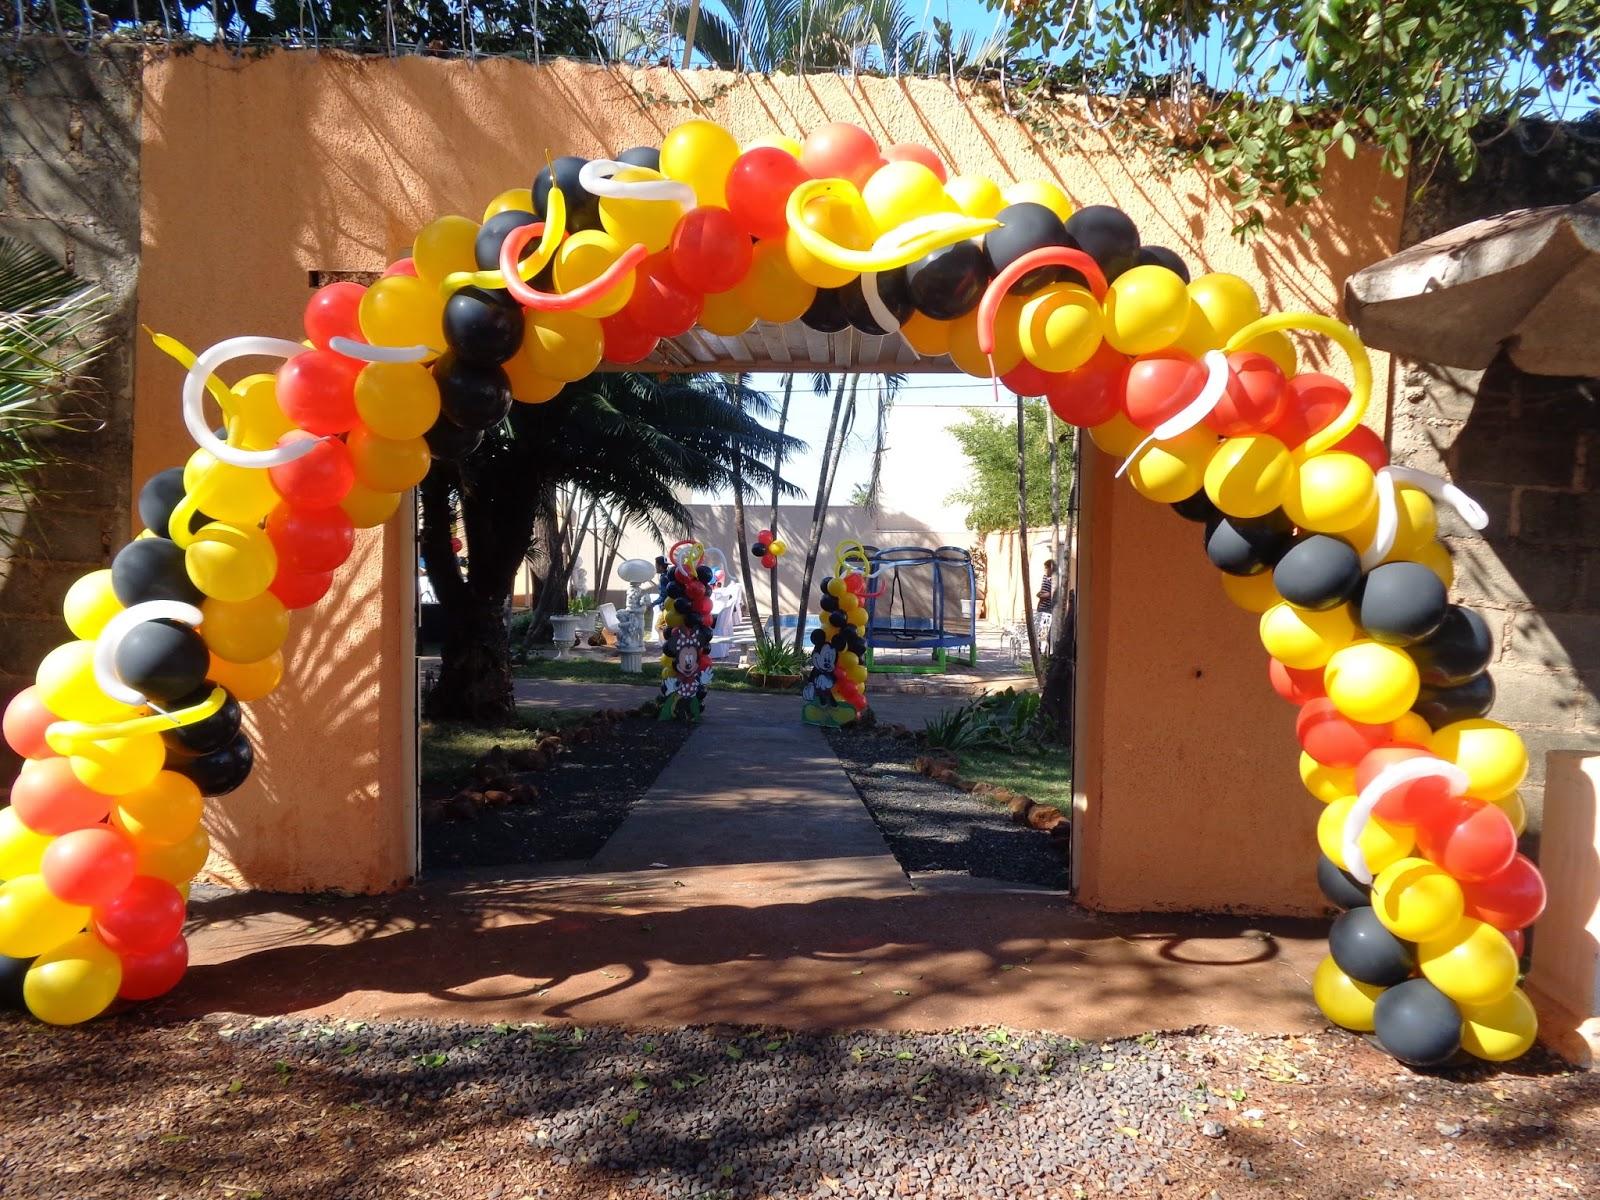 Decoração com balões compridos no arco